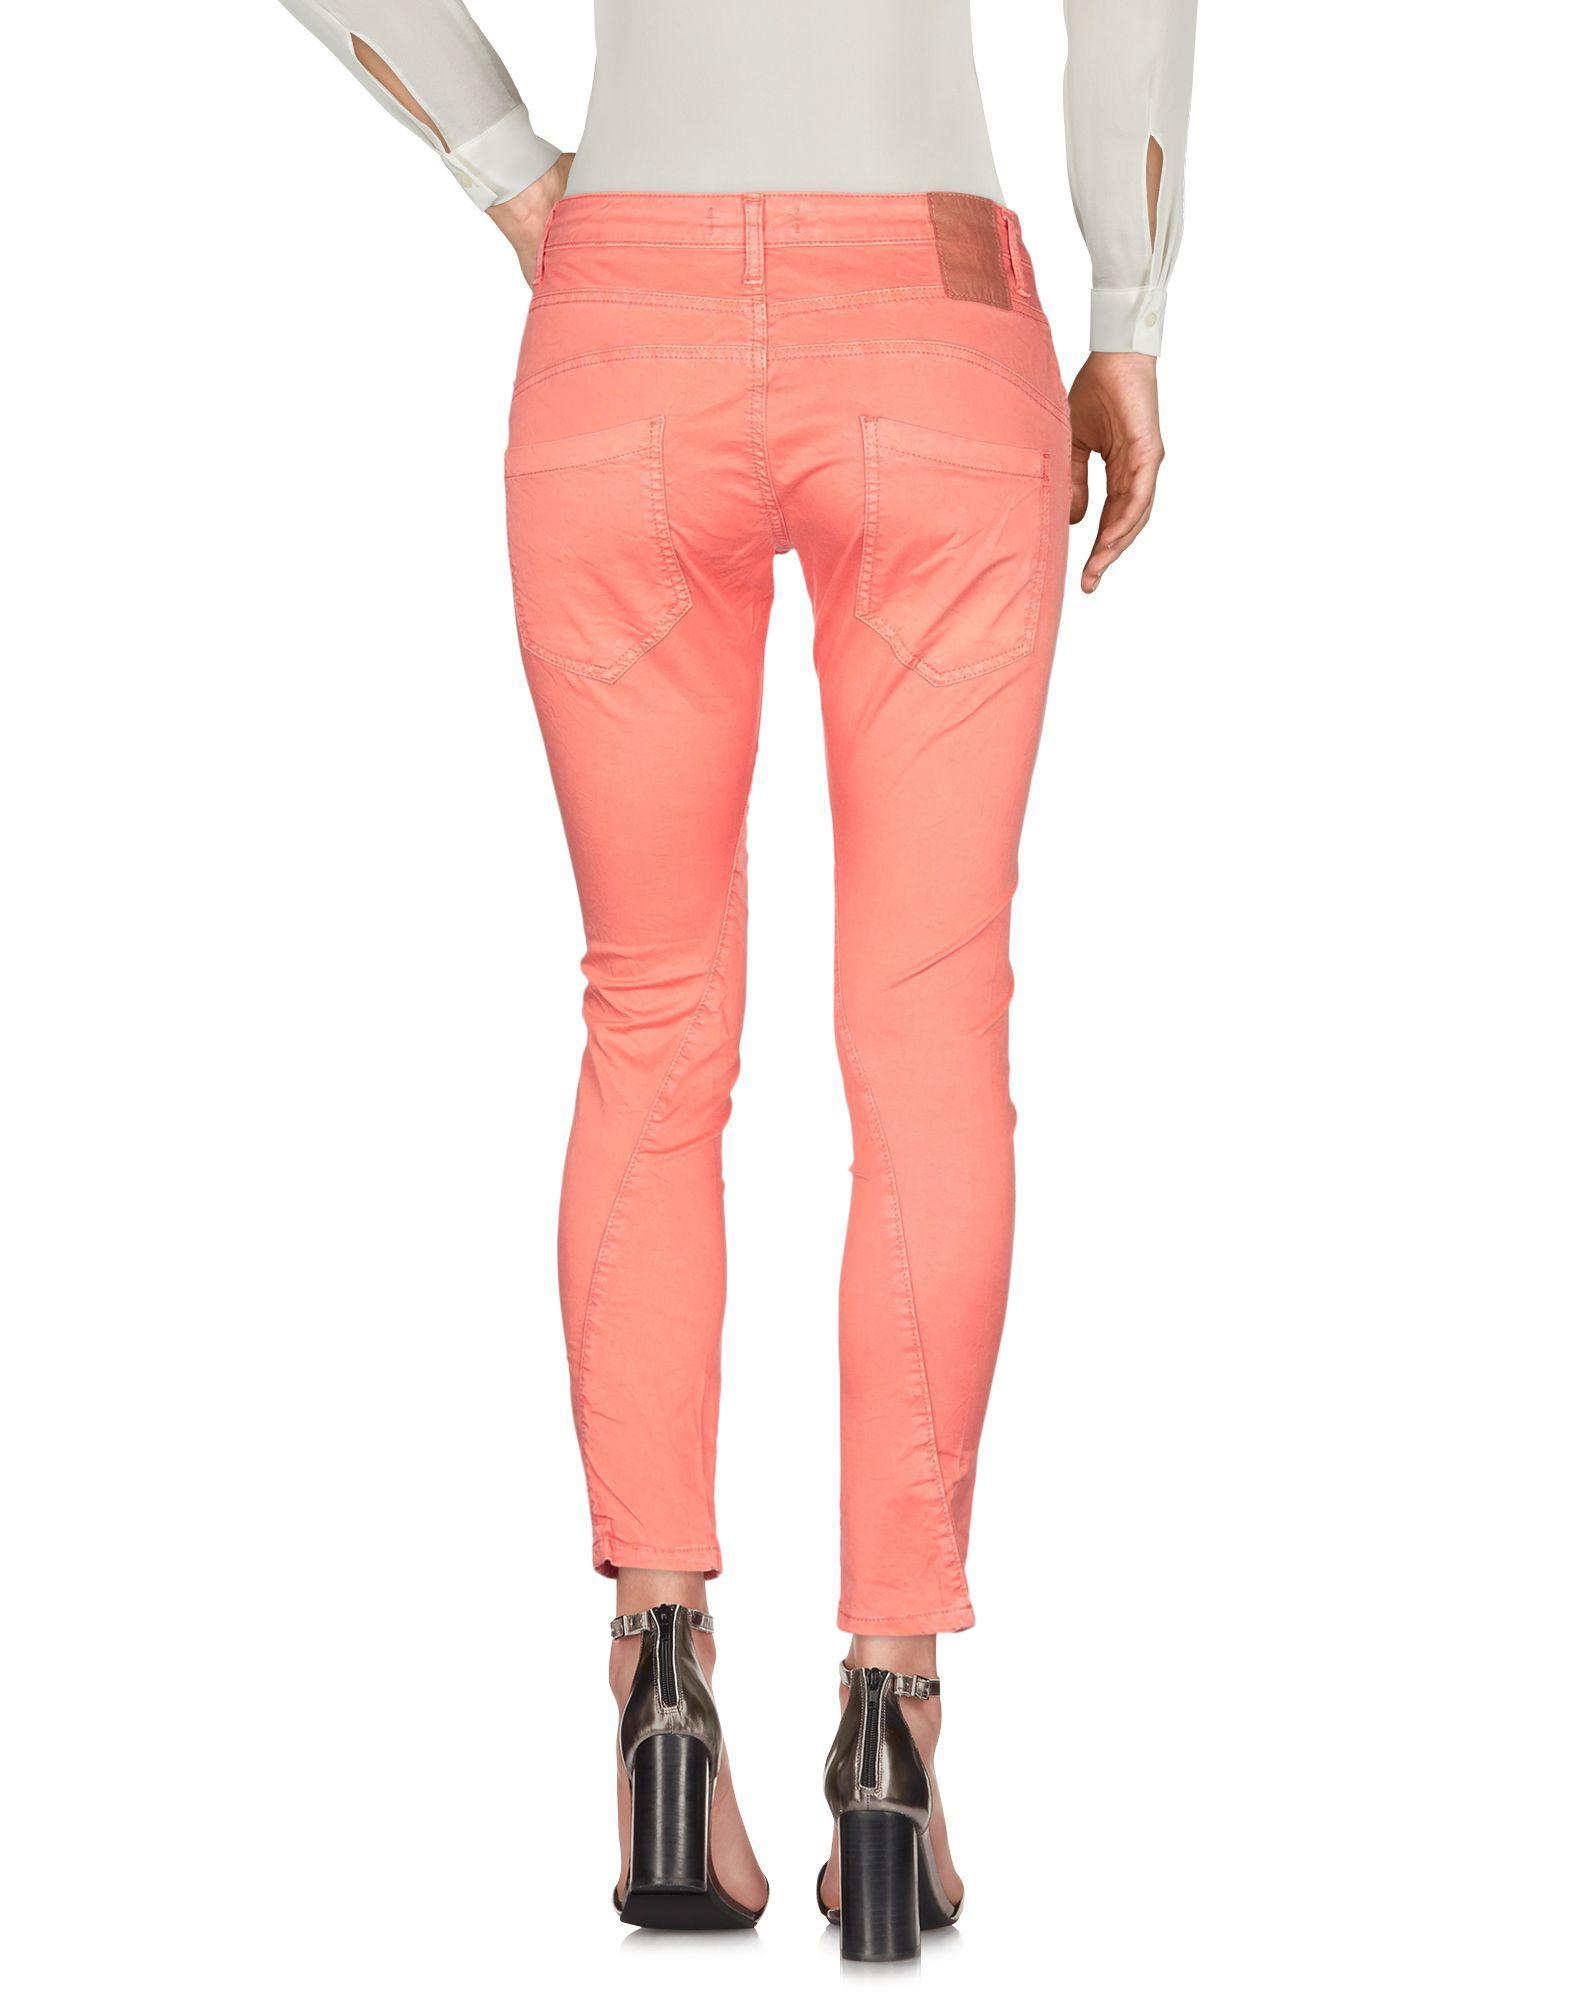 Pantalon ViCOLO en coloris Orange